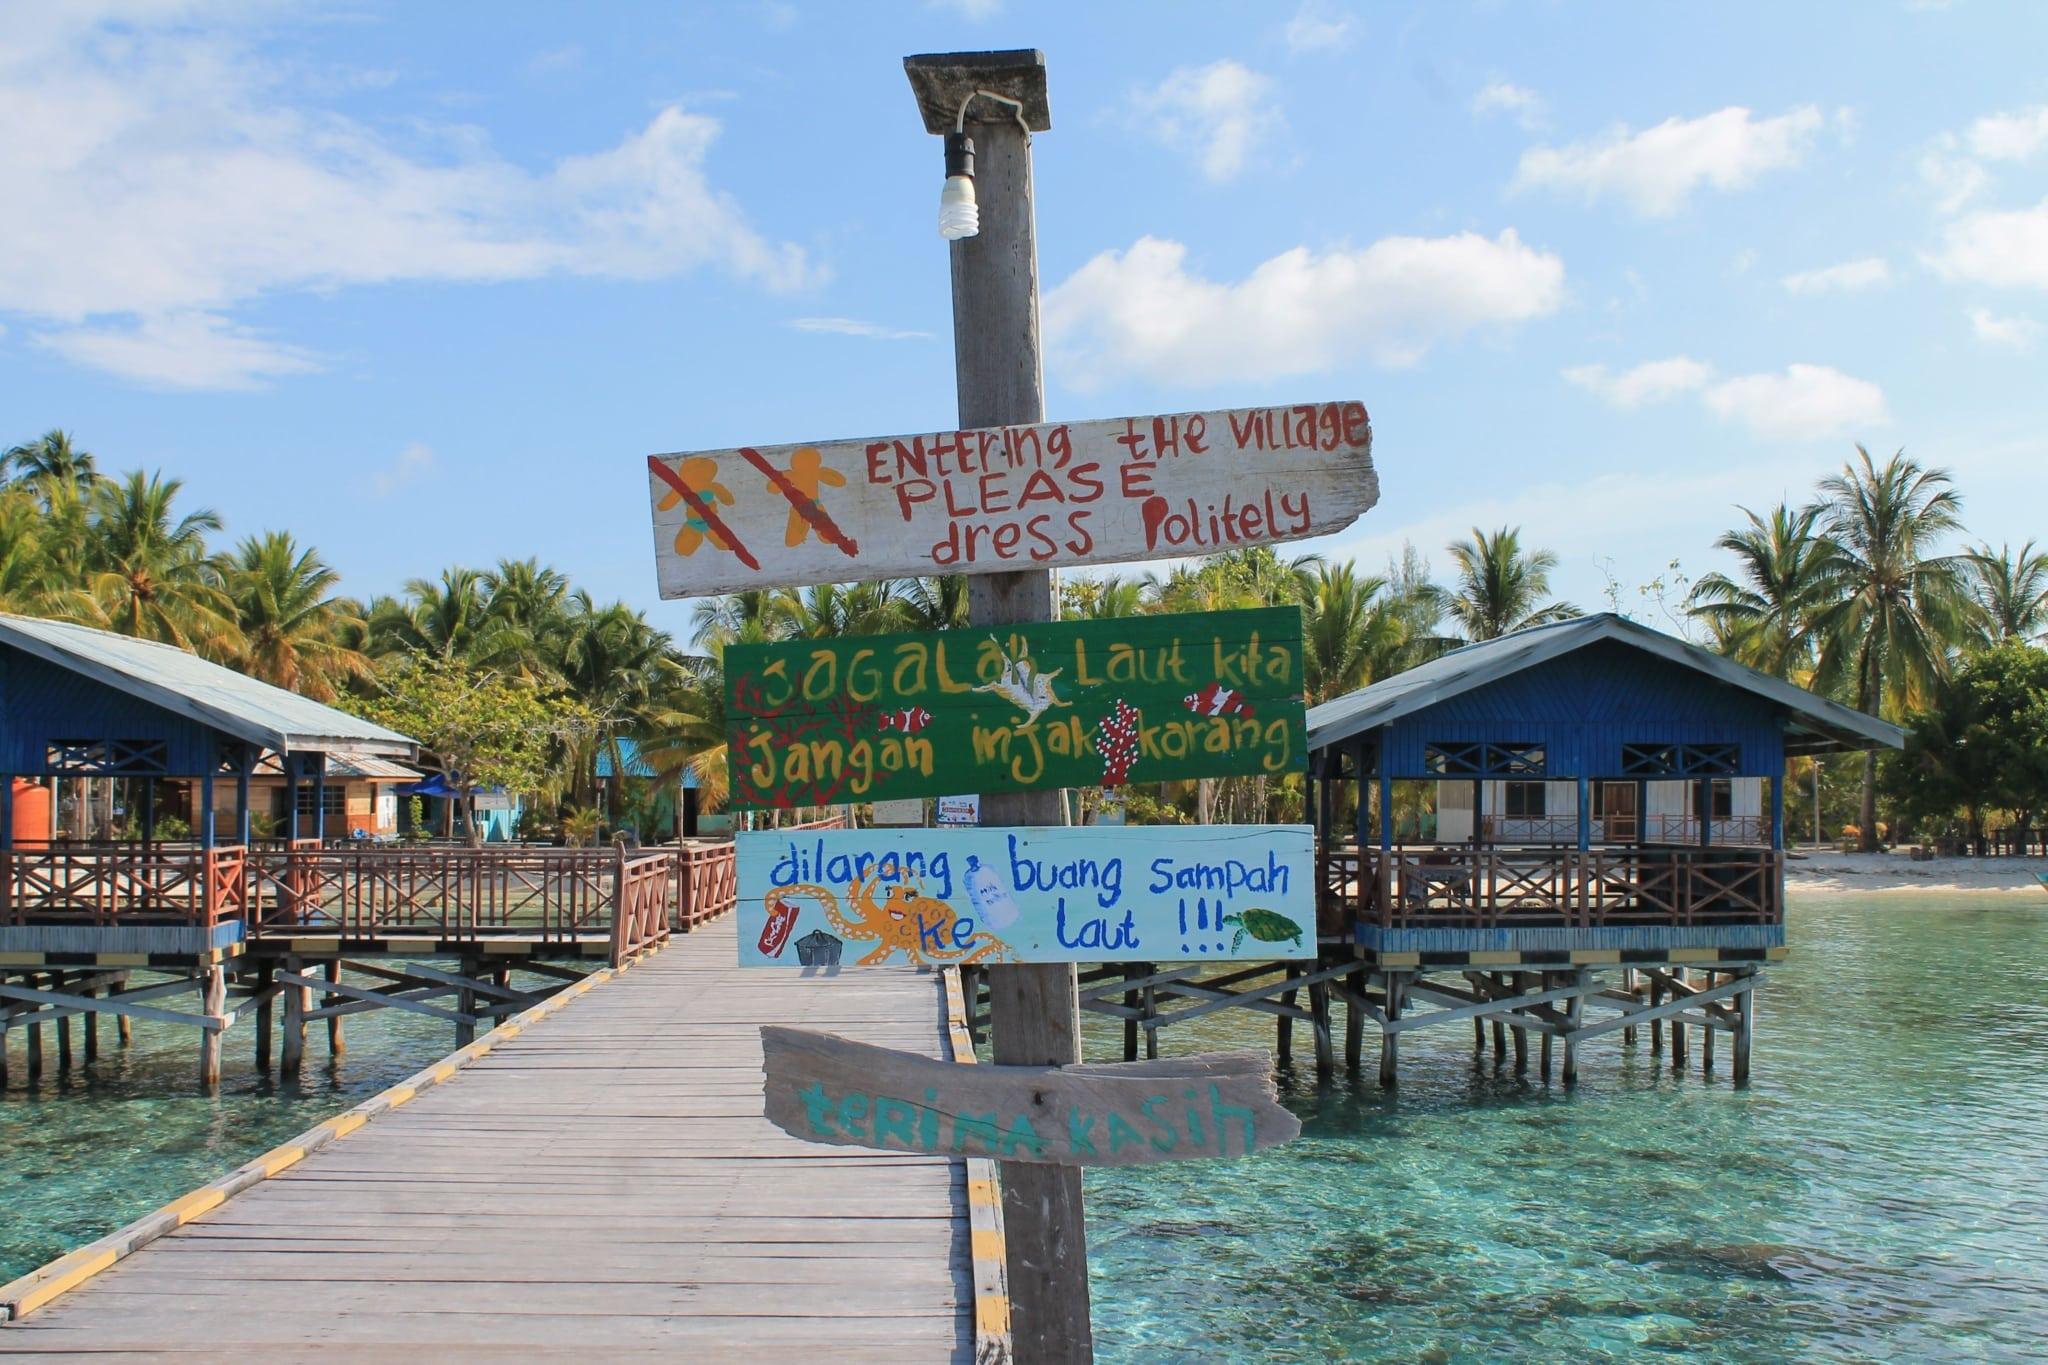 Arborek Island Raja Ampat